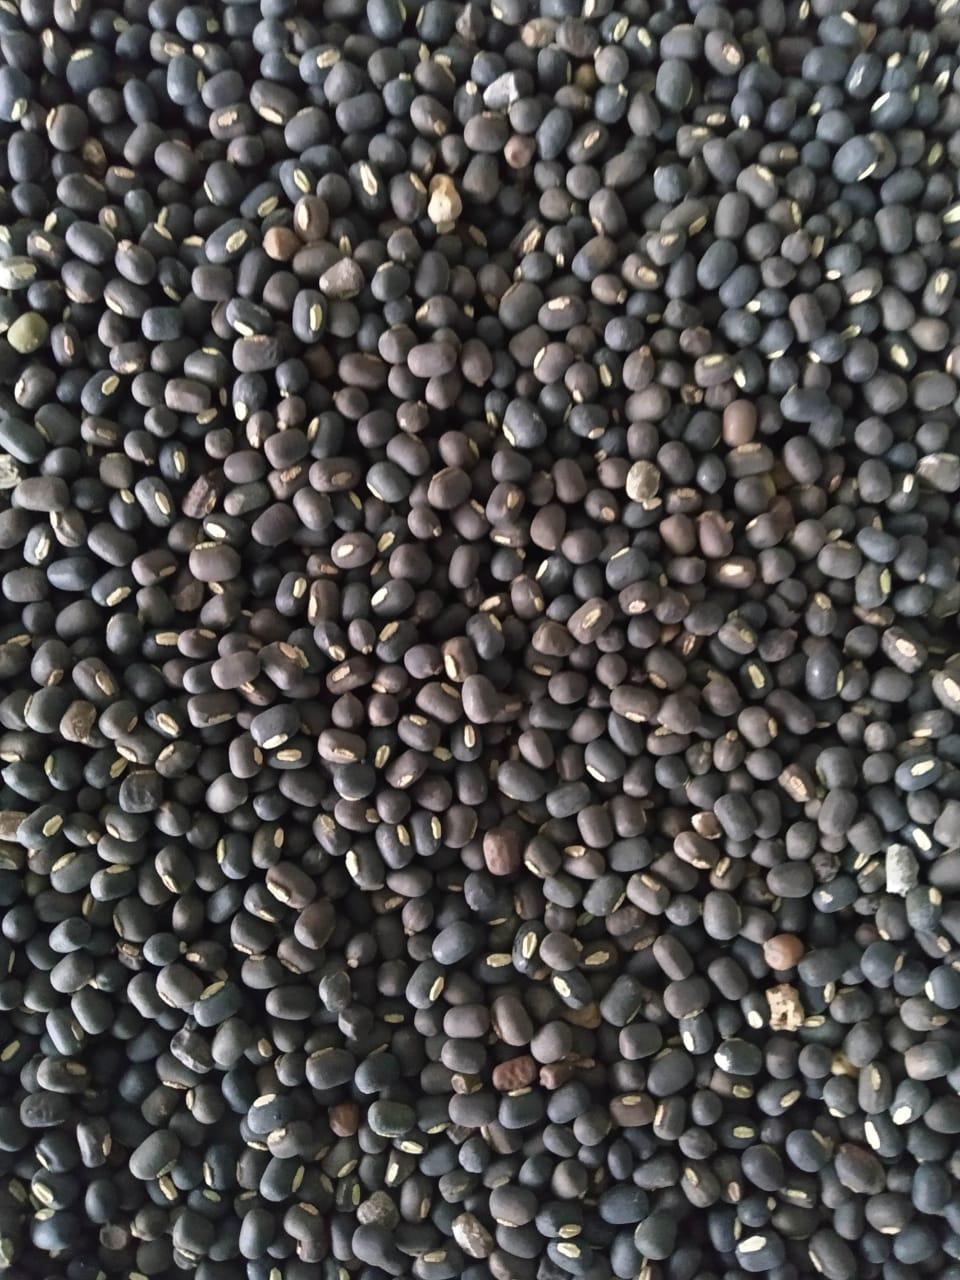 sscs-storage-grains5